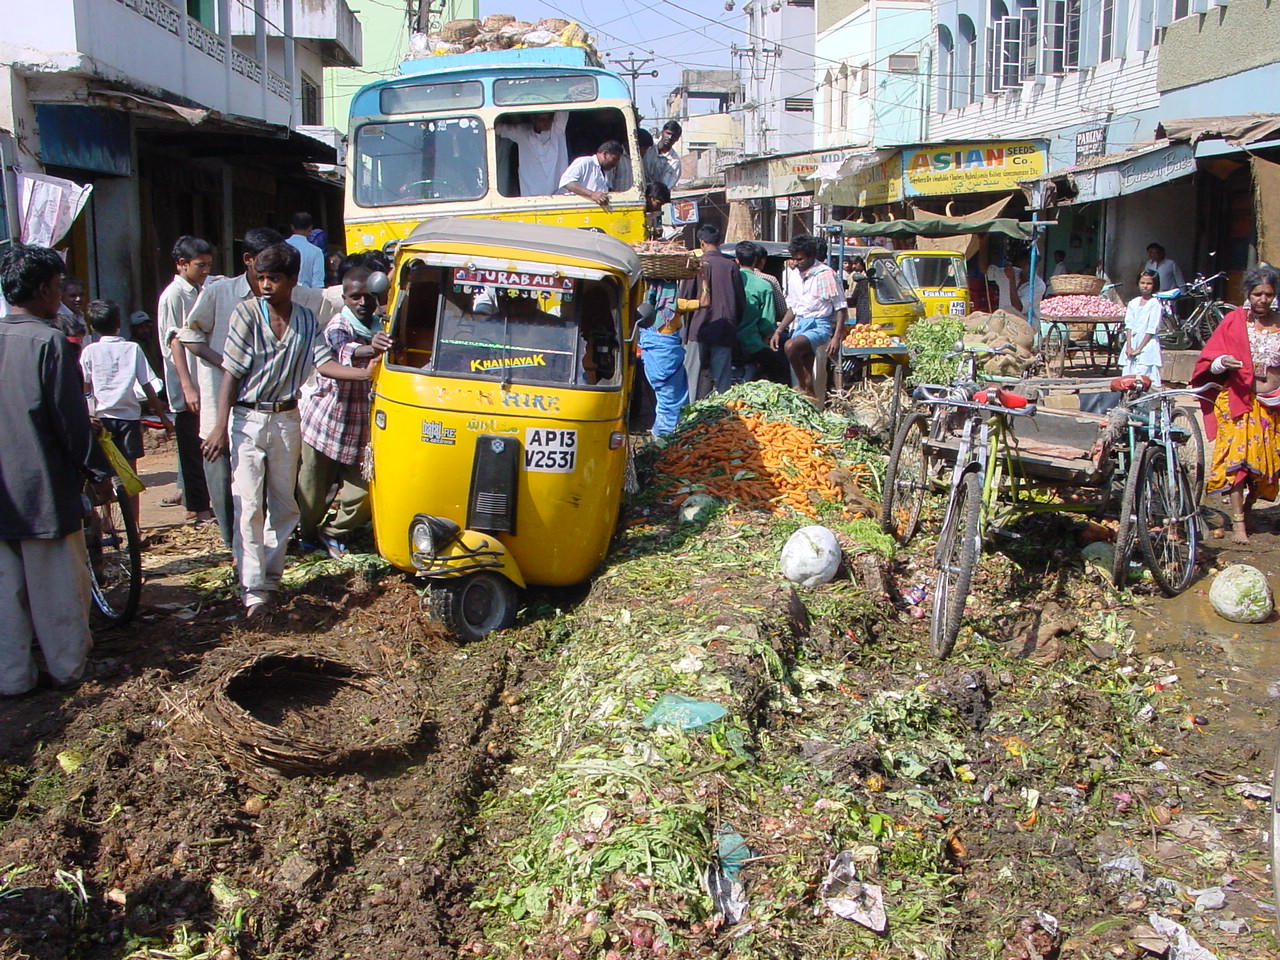 Au marché à Hyderabad... (photo Clarisse BROCHIER)